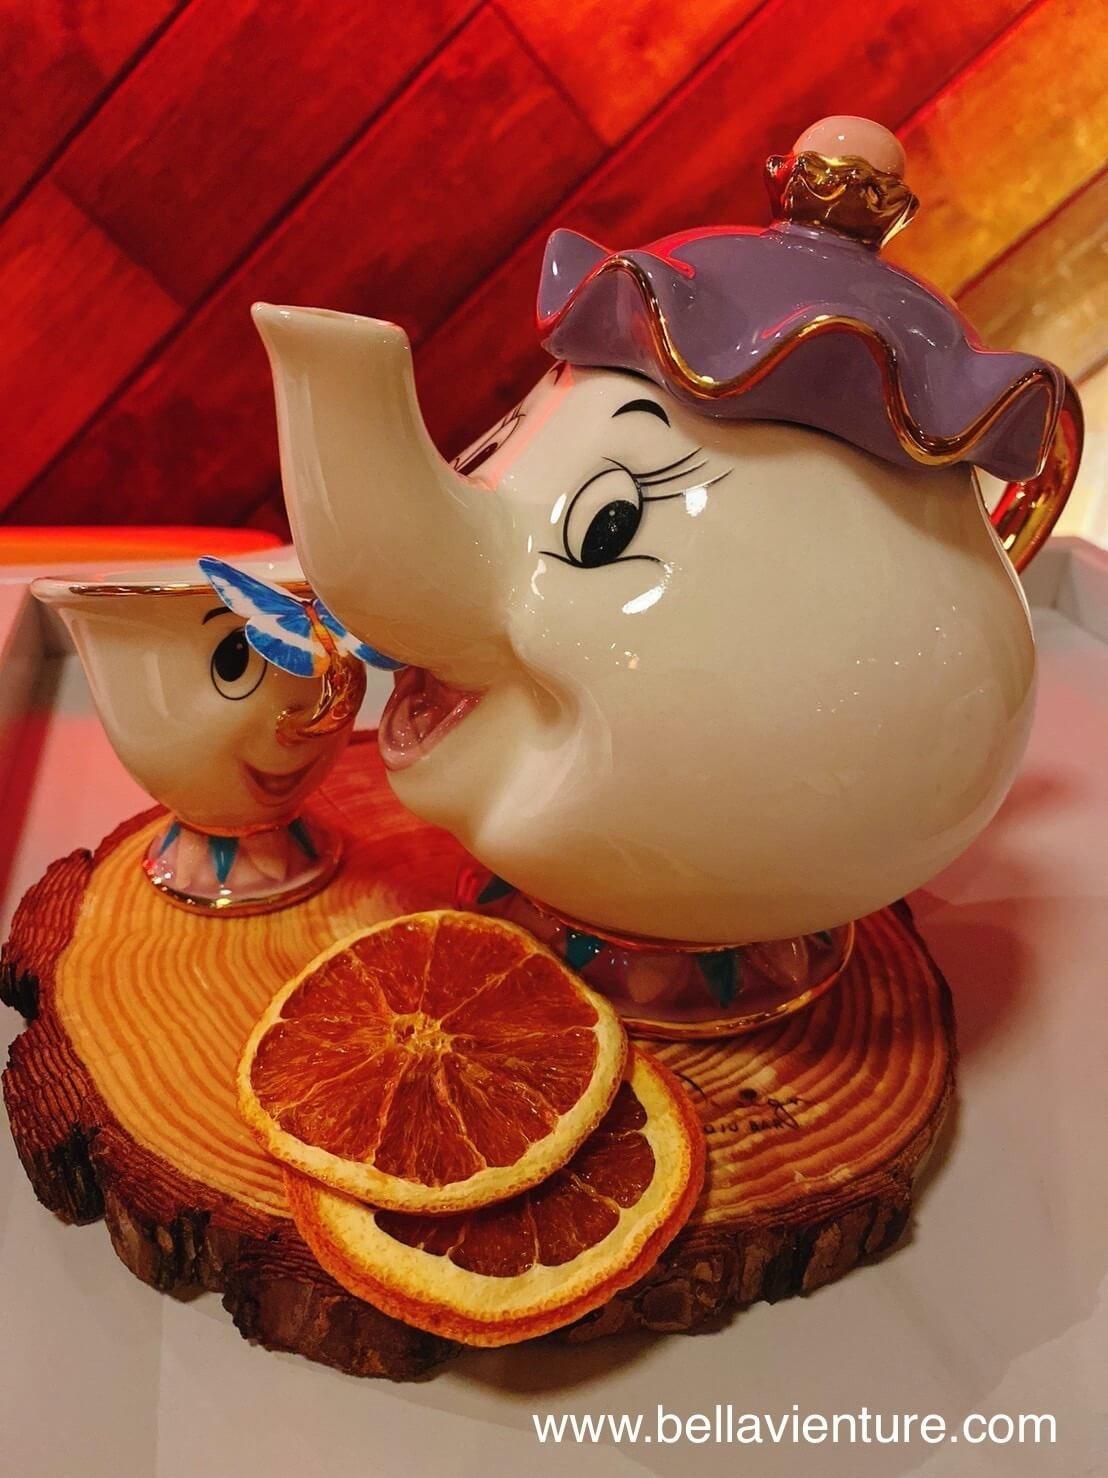 台北 信義區 She_Design TAPAS SOJU BAR 調酒 you are my cup of tea 美女與野獸